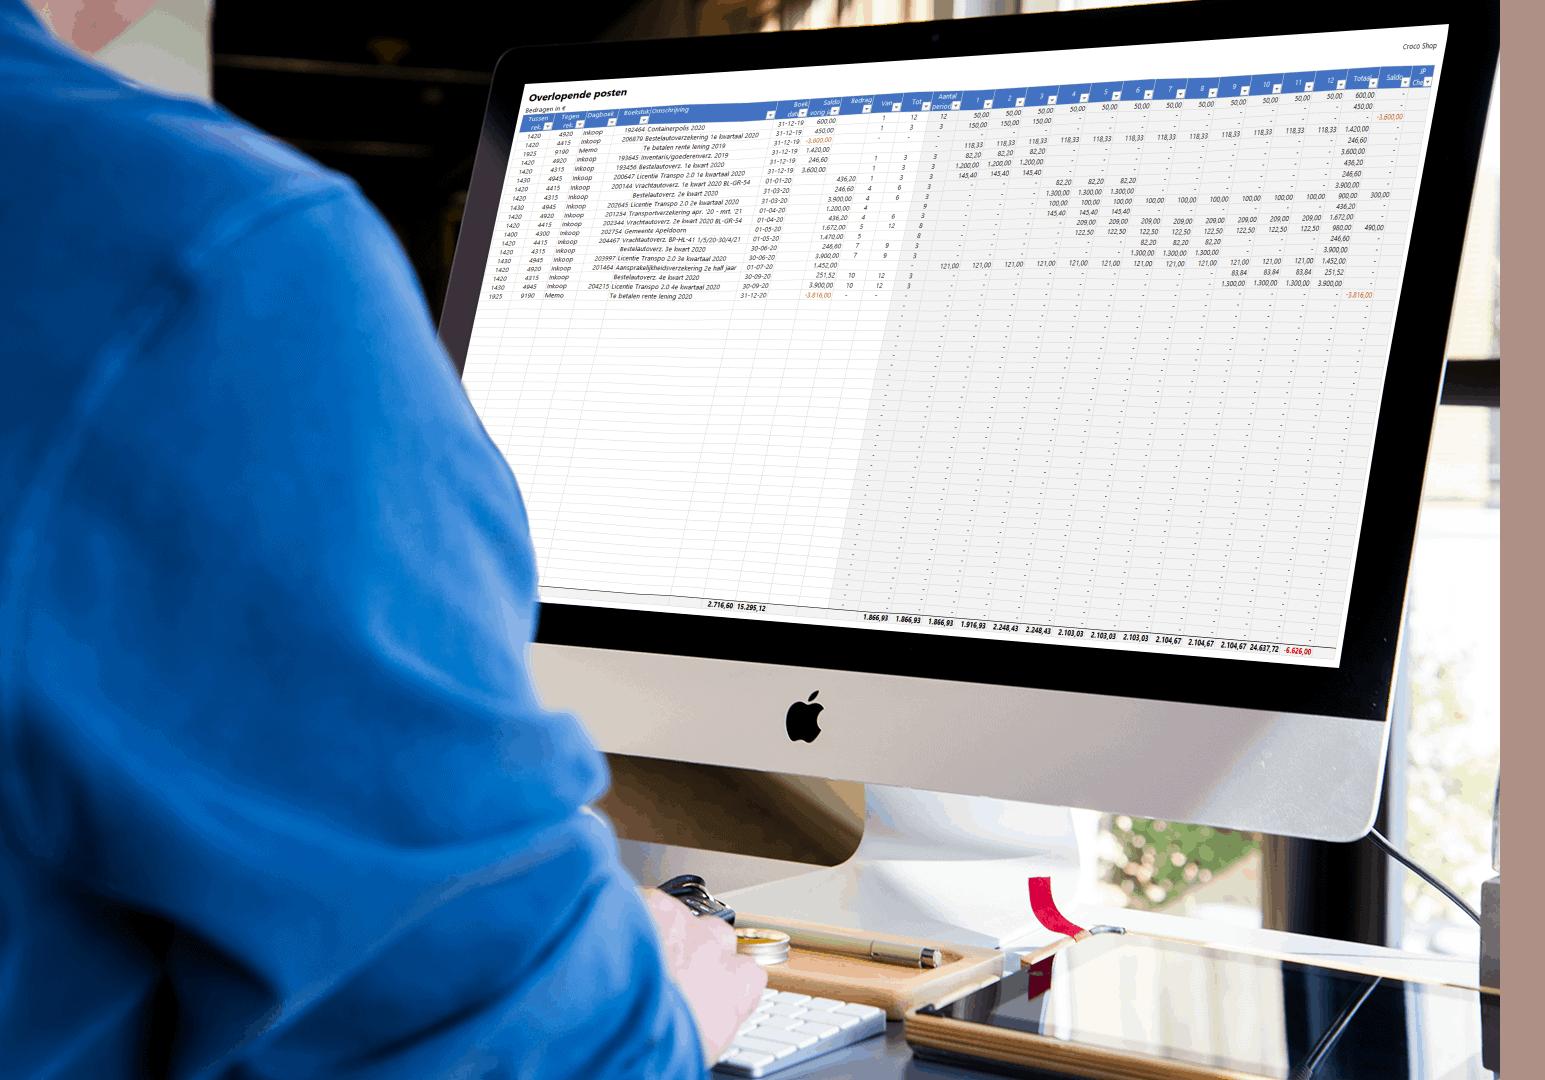 Overlopende posten beheren in Excel